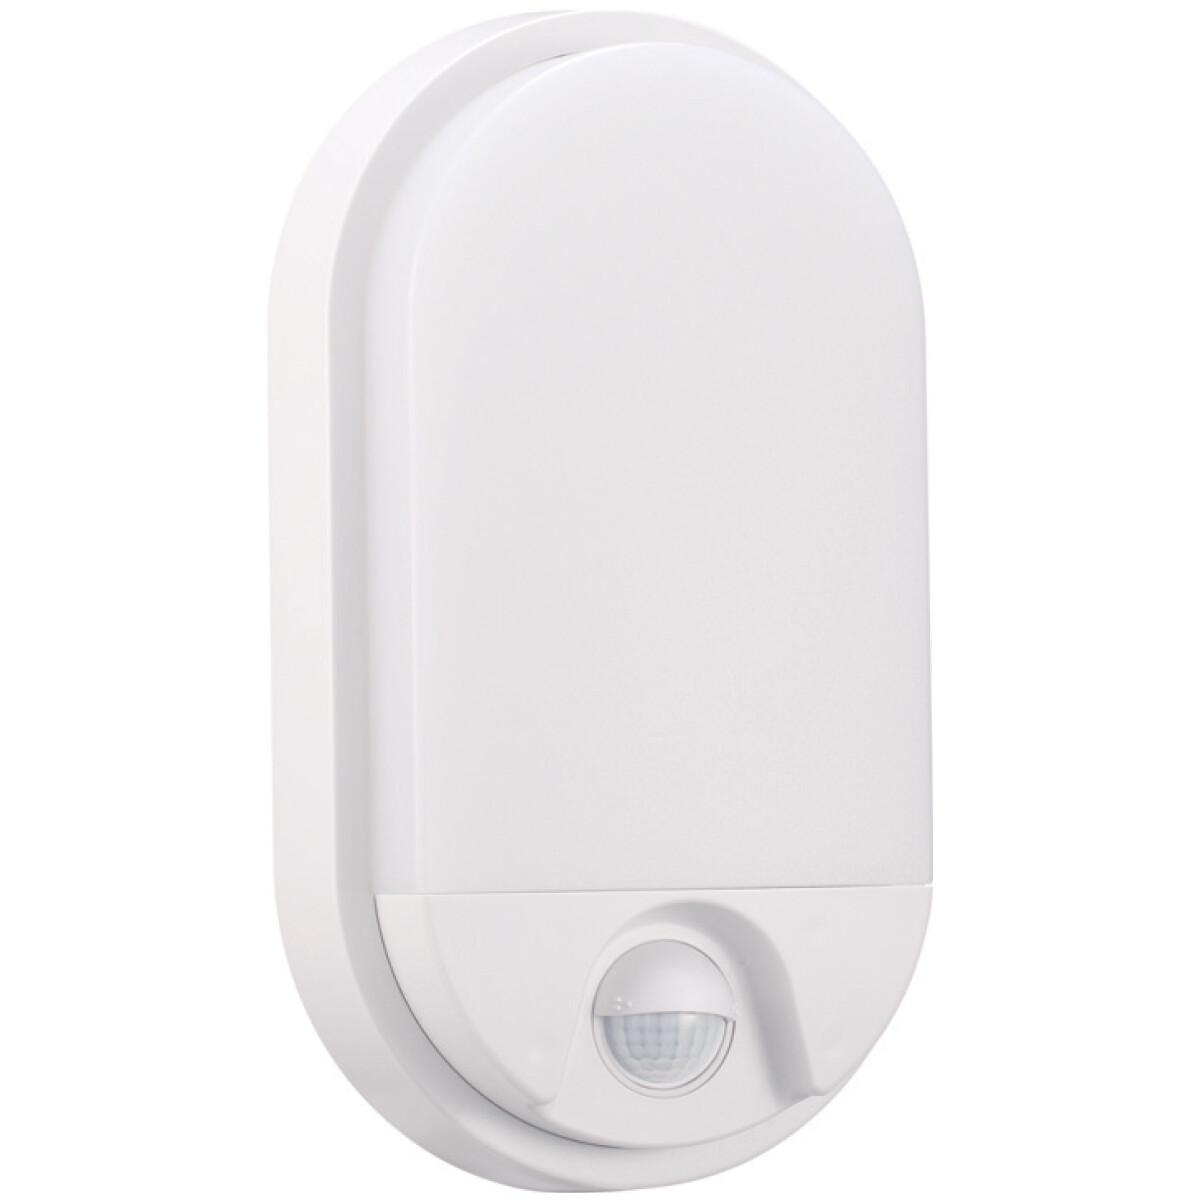 LED Tuinverlichting met Bewegingssensor - Hoktan - Wandlamp Buiten - 10W - Natuurlijk Wit 4200K - Mat Wit - Ovaal